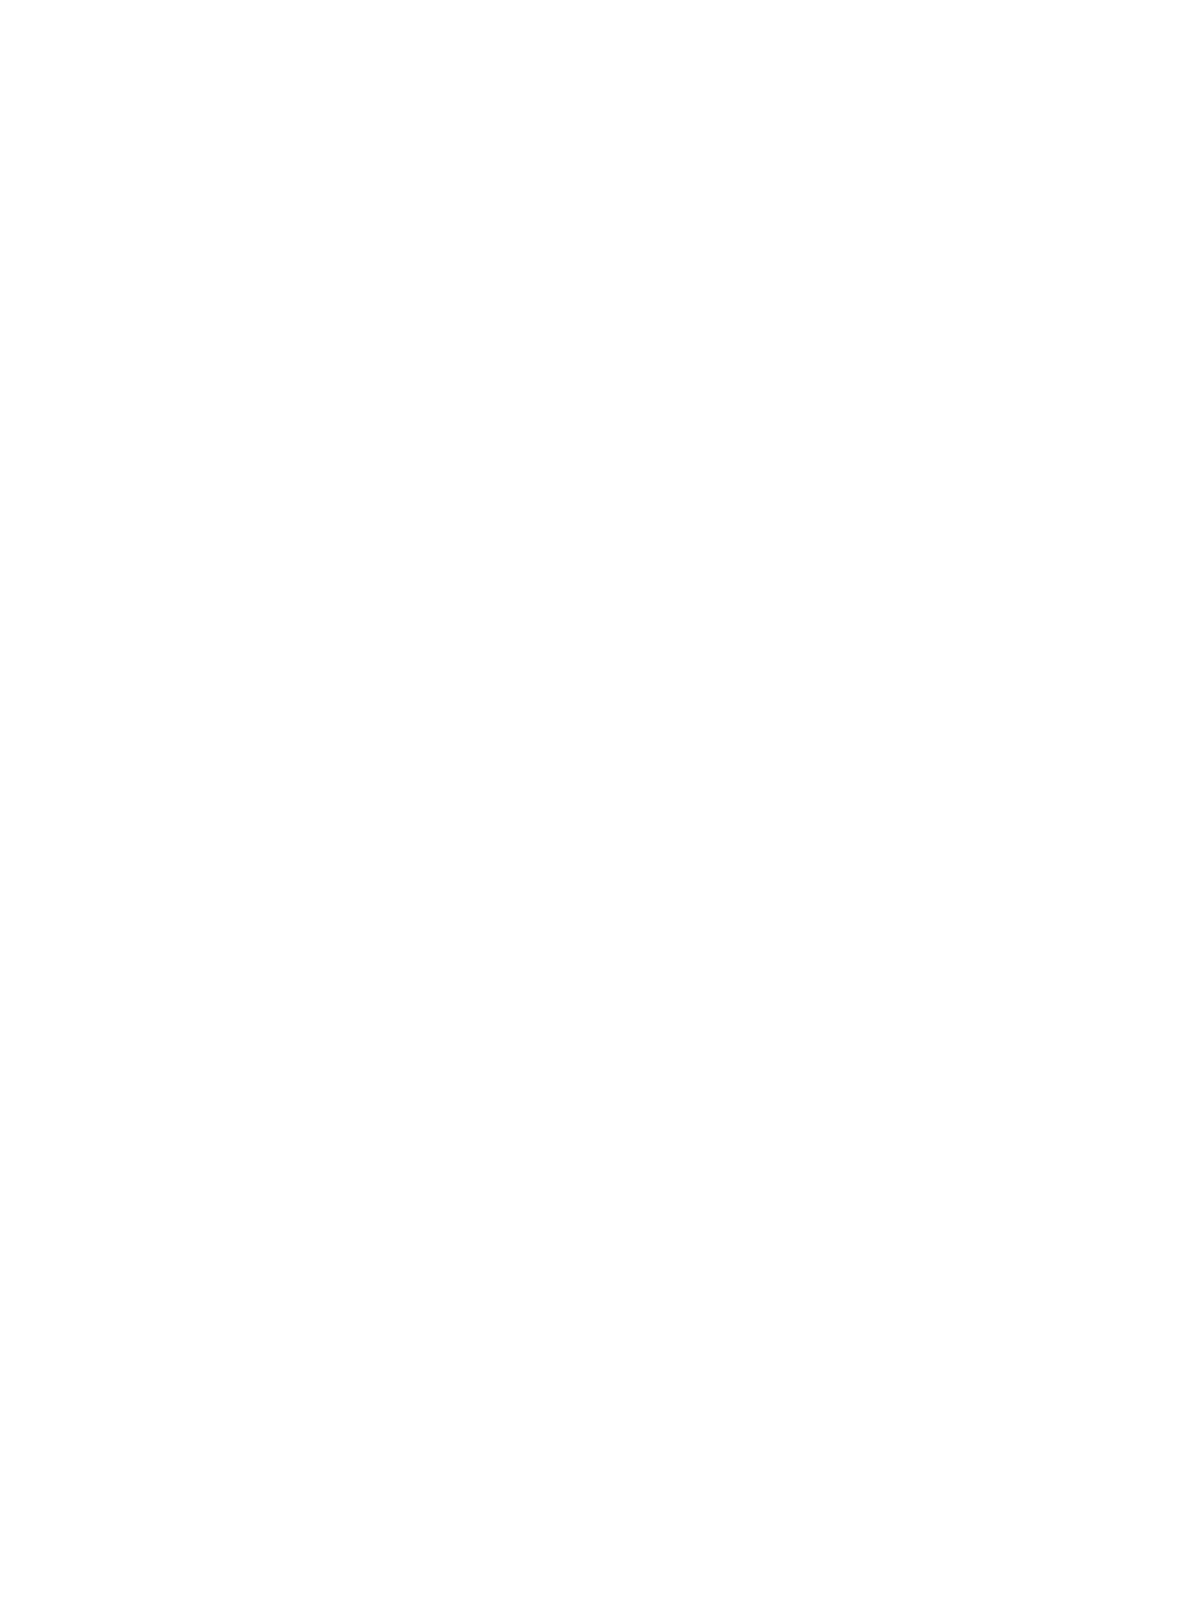 Ginga no Megami Netisu IV Daija Hen Kouhen 74